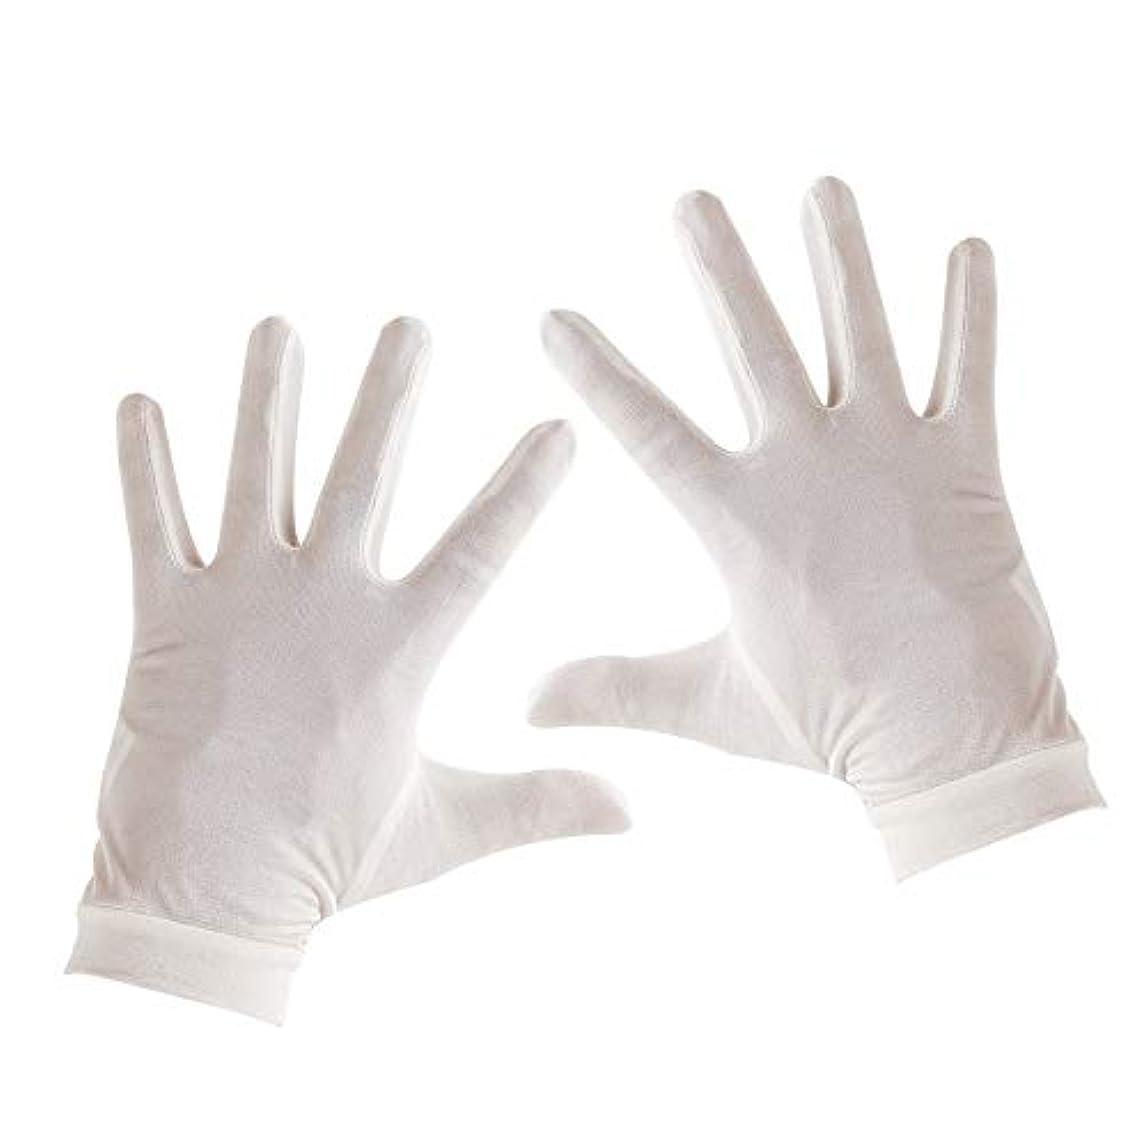 広々としたチャーミングサイバースペースTenn Well シルク手袋, 天然絹100% 手荒れ対策 保湿ケア UVカット おやすみ手袋 (白い)